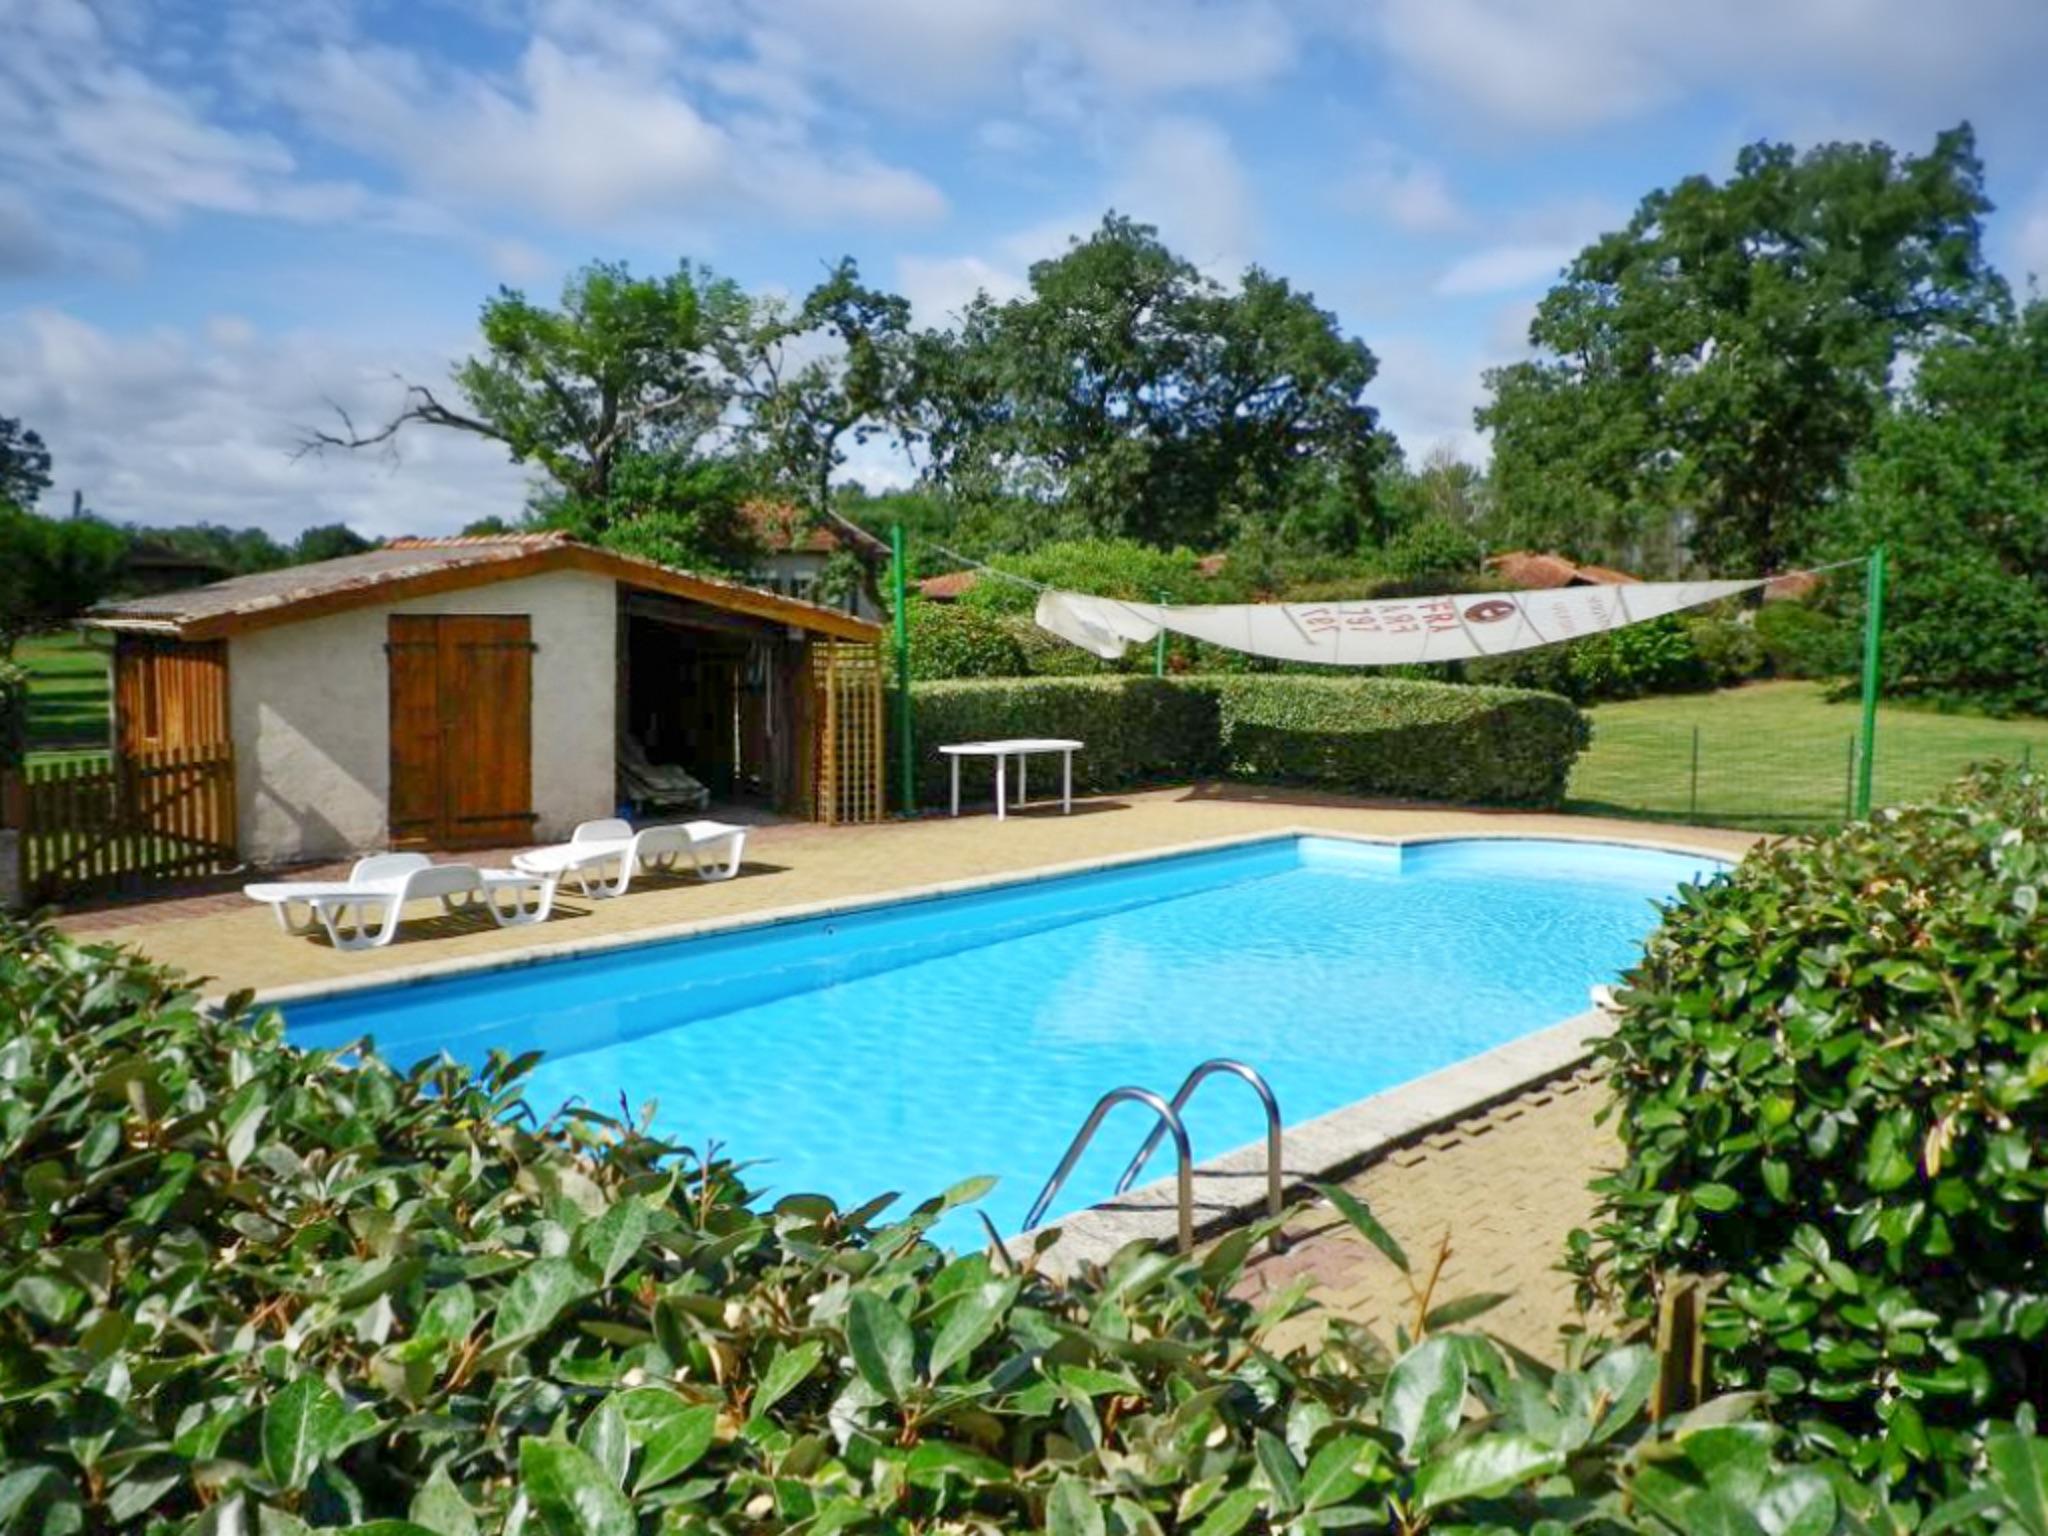 Ferienhaus Villa mit 4 Zimmern in Trensacq mit privatem Pool und möbliertem Garten - 45 km vom Strand (2202366), Trensacq, Landes, Aquitanien, Frankreich, Bild 2